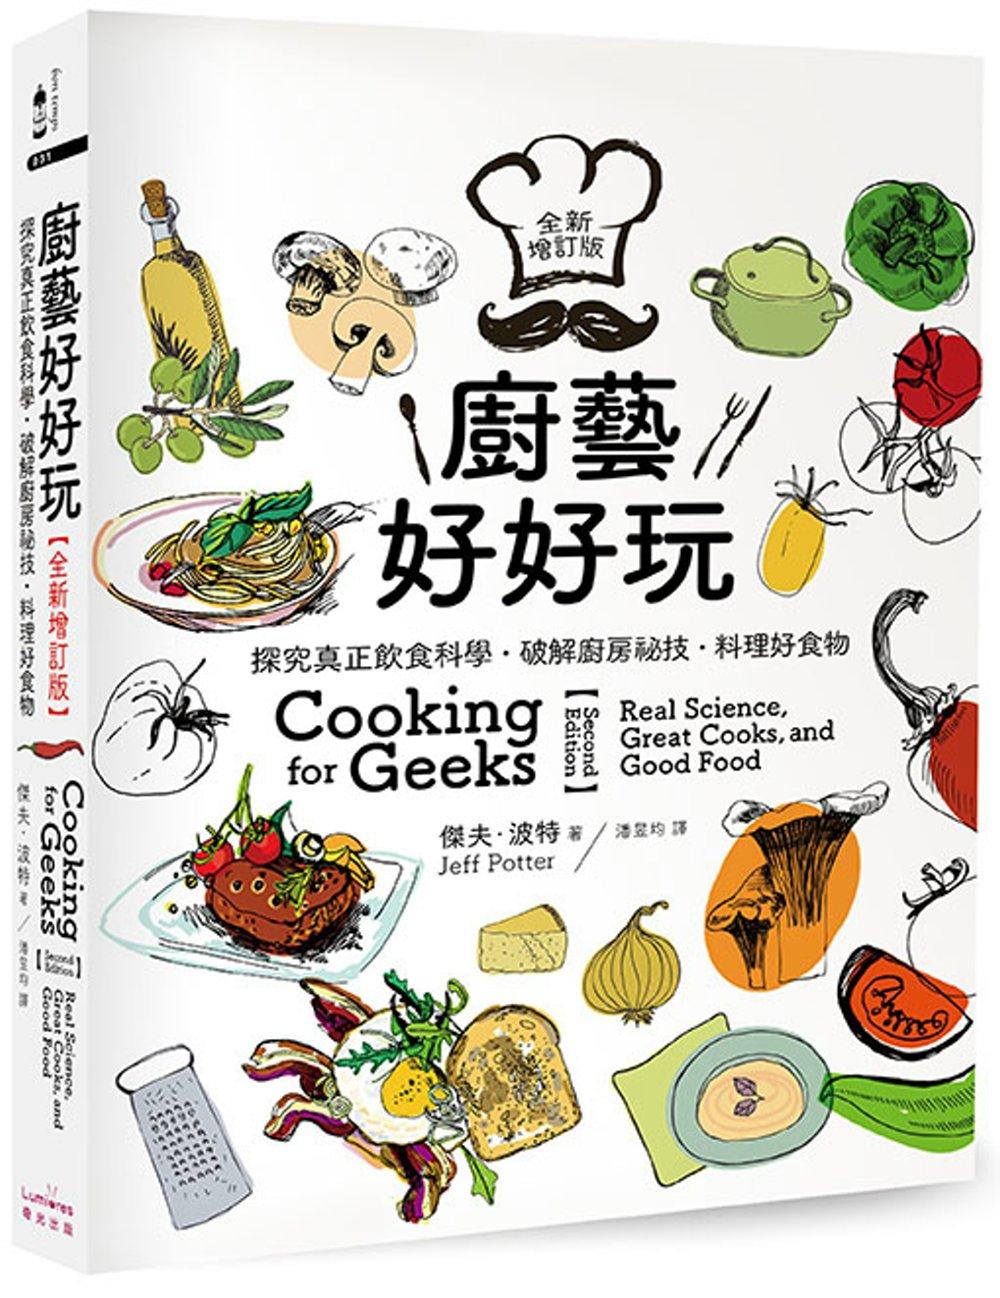 廚藝好好玩:探究真正飲食科學‧破解廚房祕技‧料理好食物【全新增訂版】